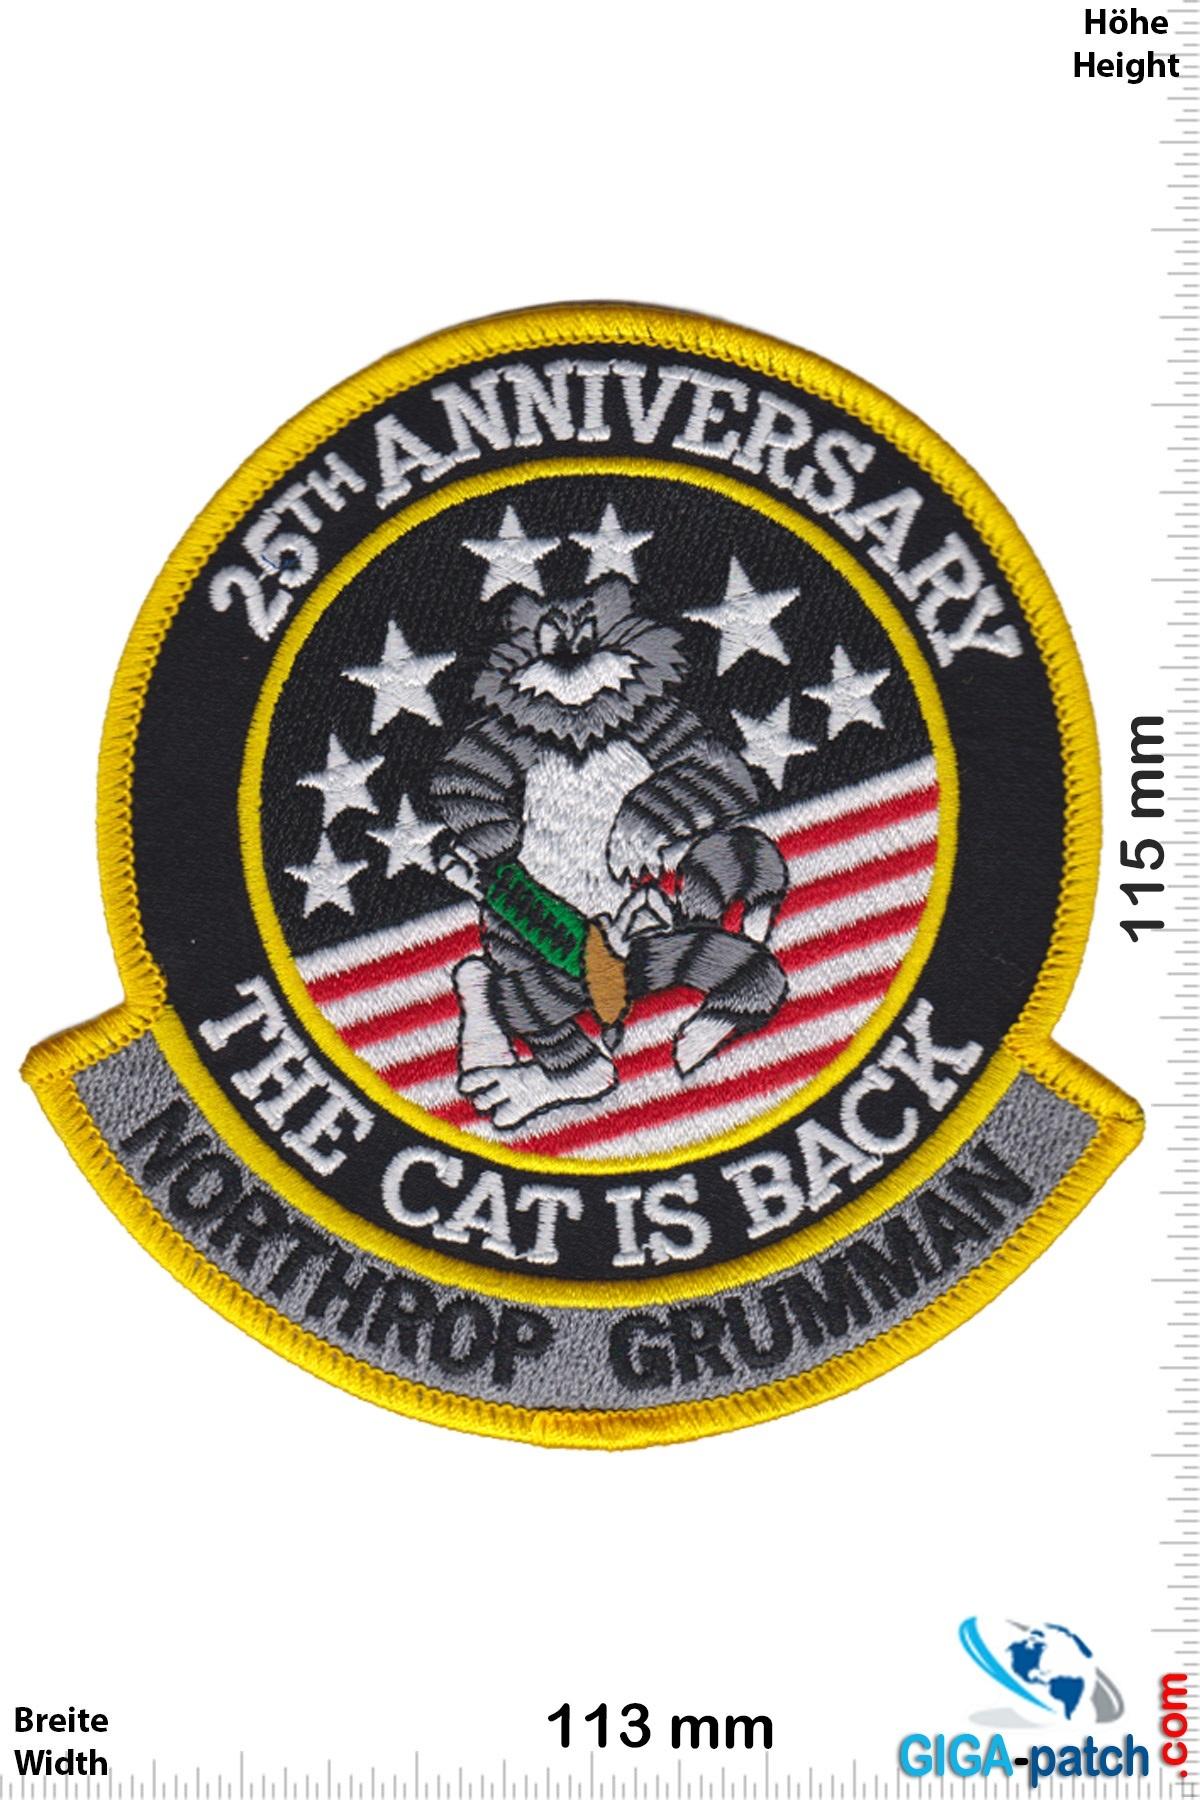 U.S. Navy F-14 - 25th Anniversary - the Cat is Back - Northrop Grumman- HQ